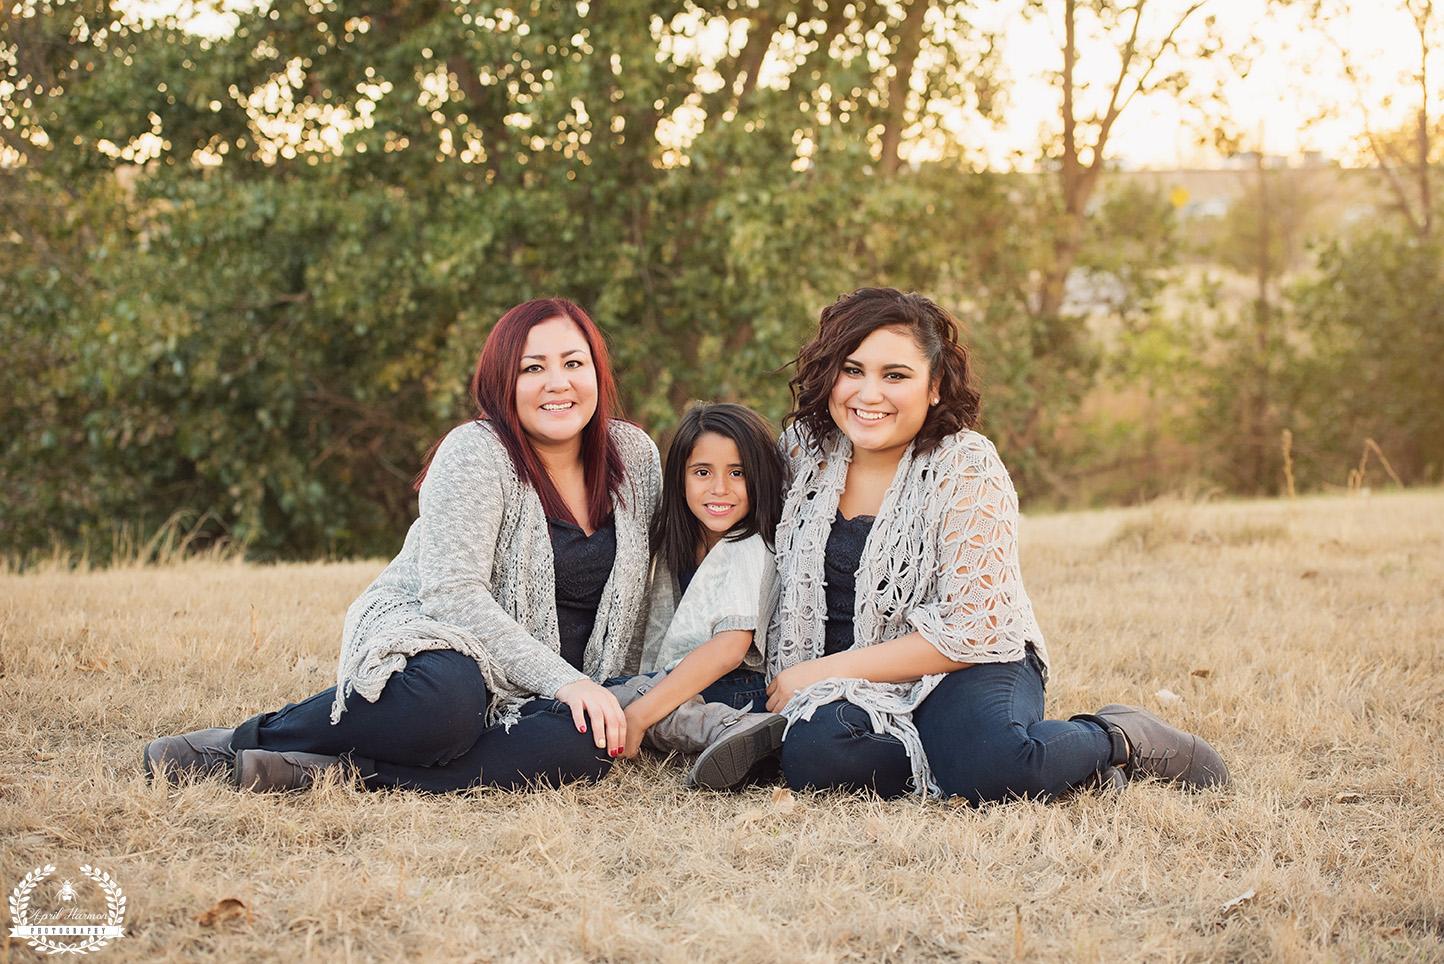 family-photography-gardencity-ks-6.jpg